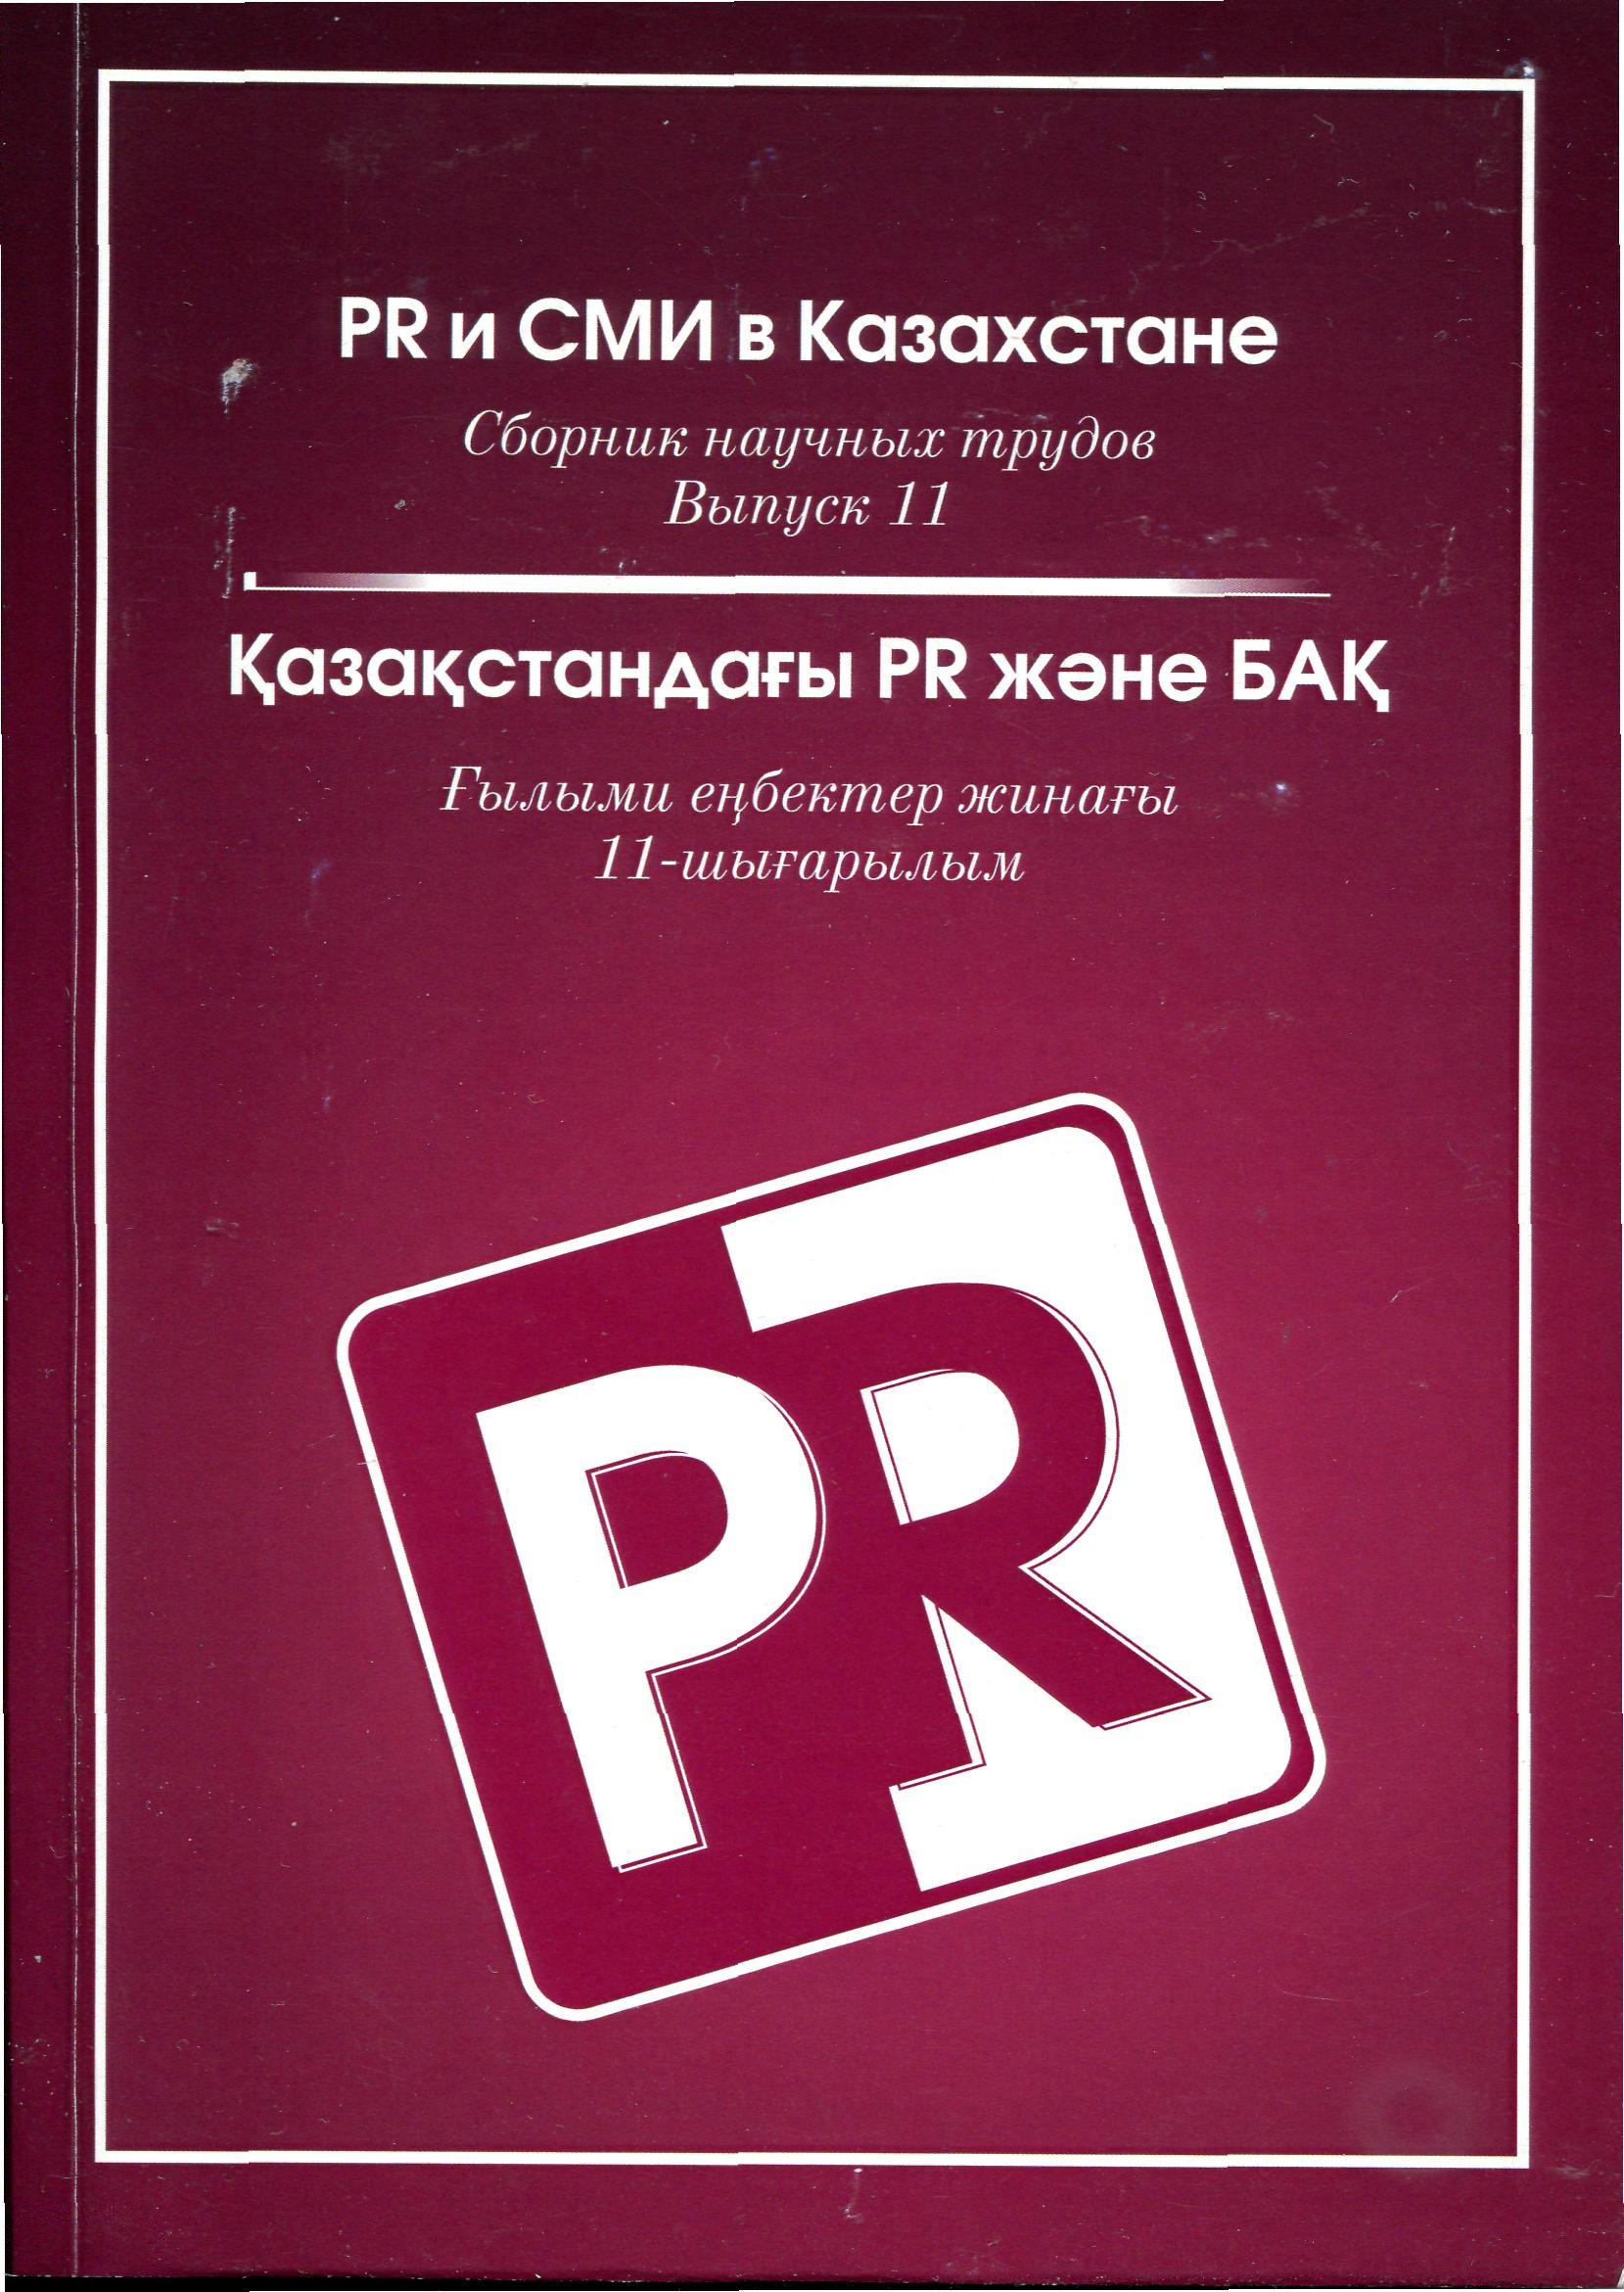 Информационно-коммуникационное пространство российских медиа: эмоциональные контексты